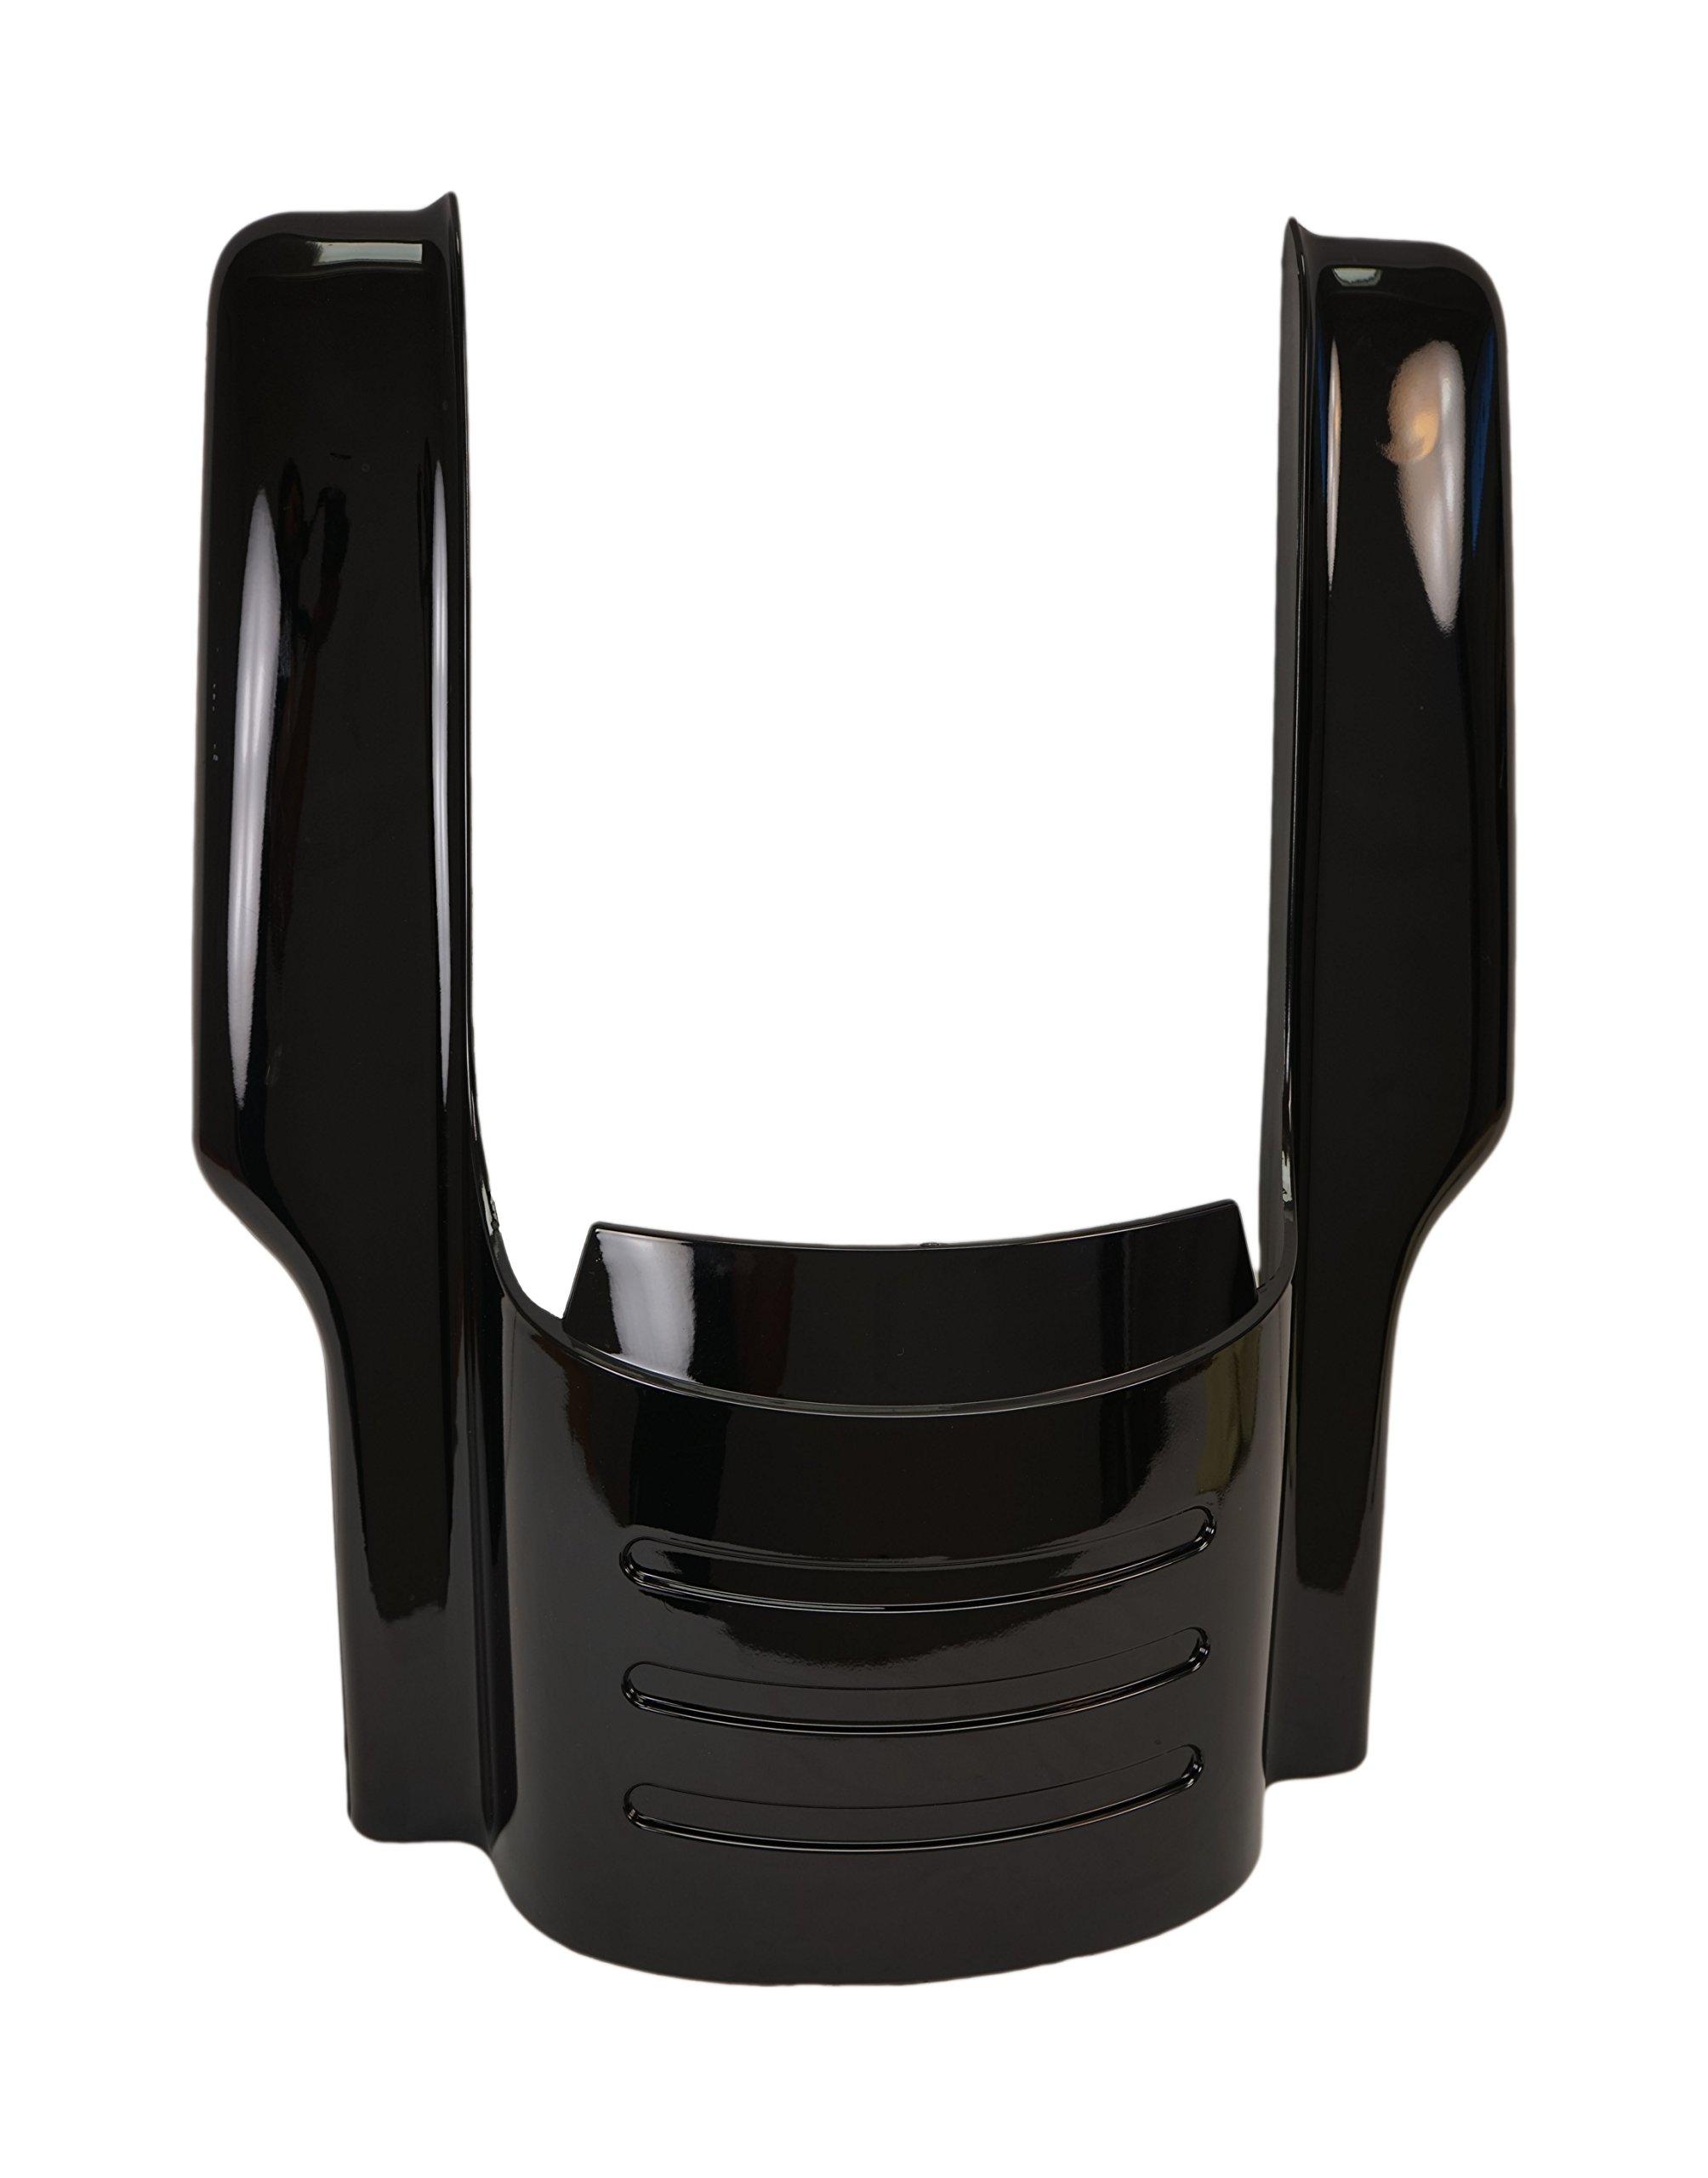 Vivid Black 09 & Up 7'' Fender Filler Extension for Harley Touring